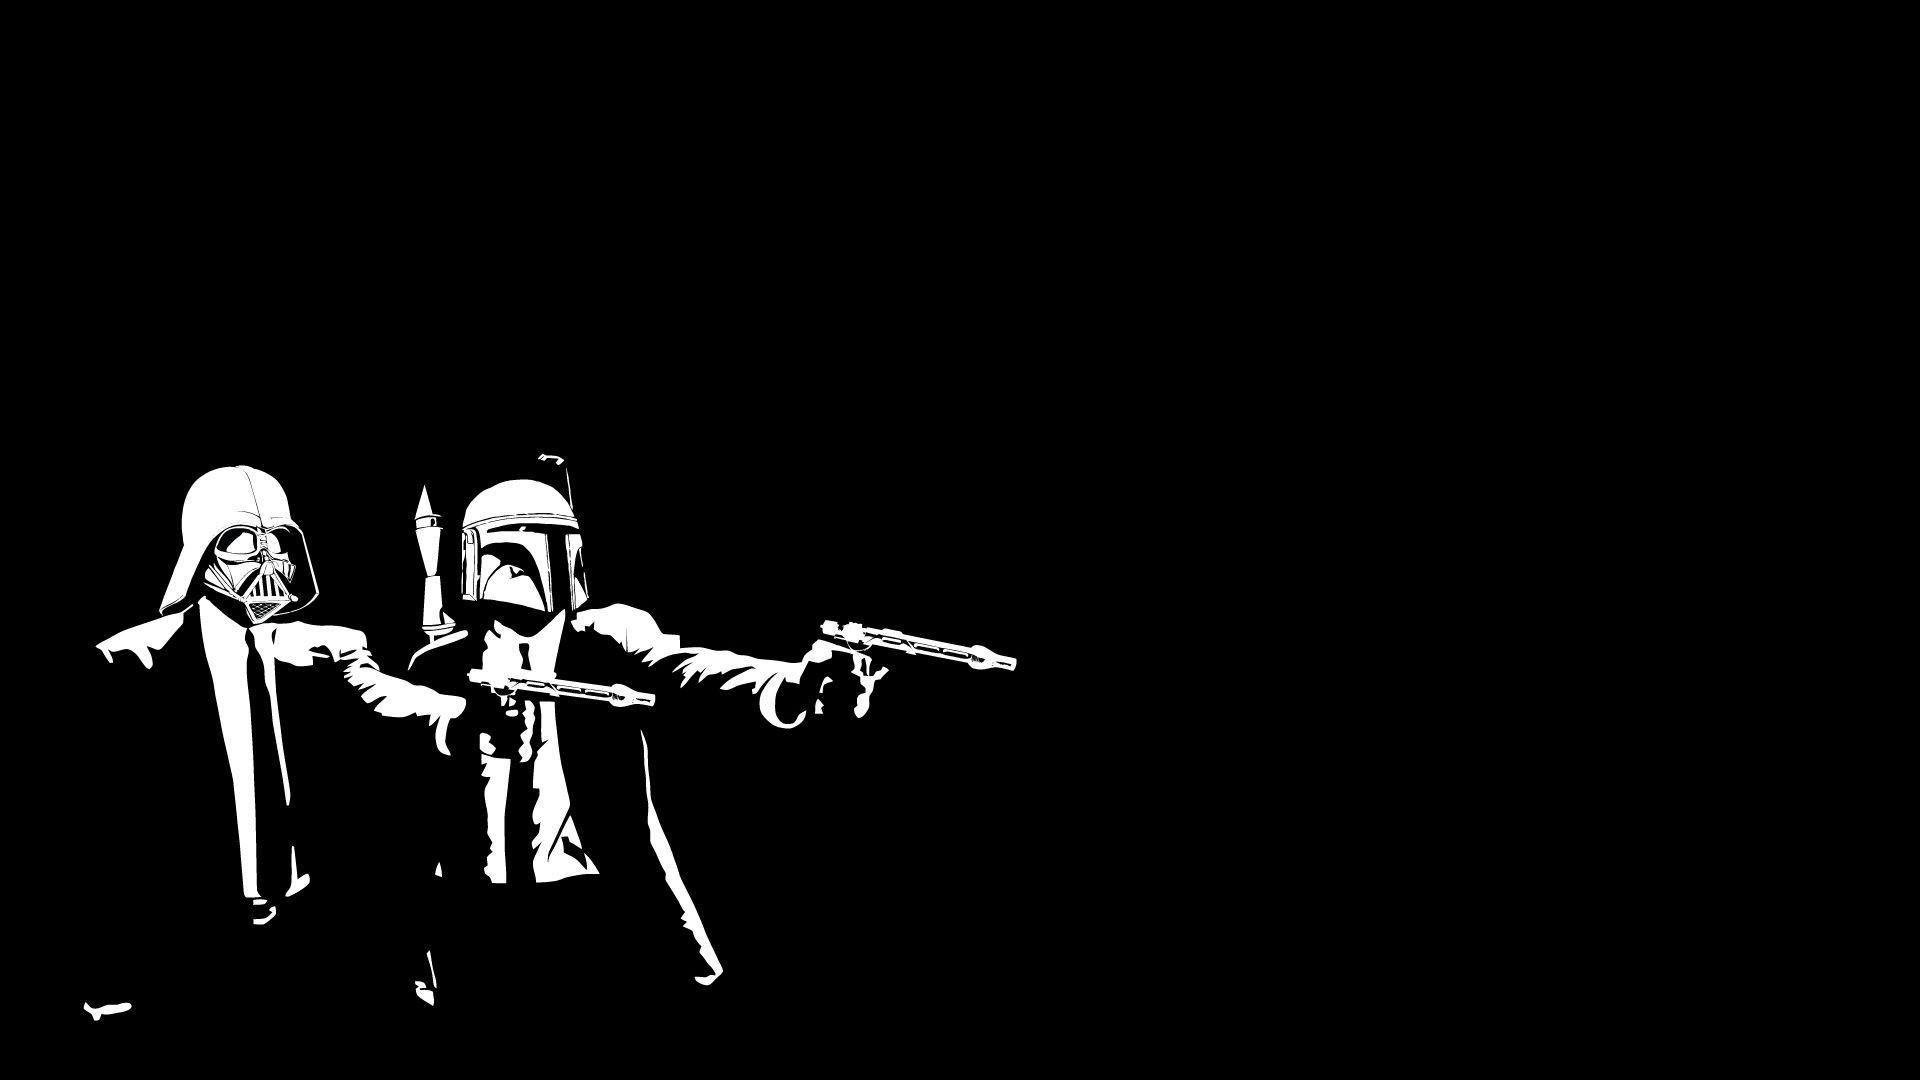 1920x1080 Star Wars Pulp Fiction Wallpaper